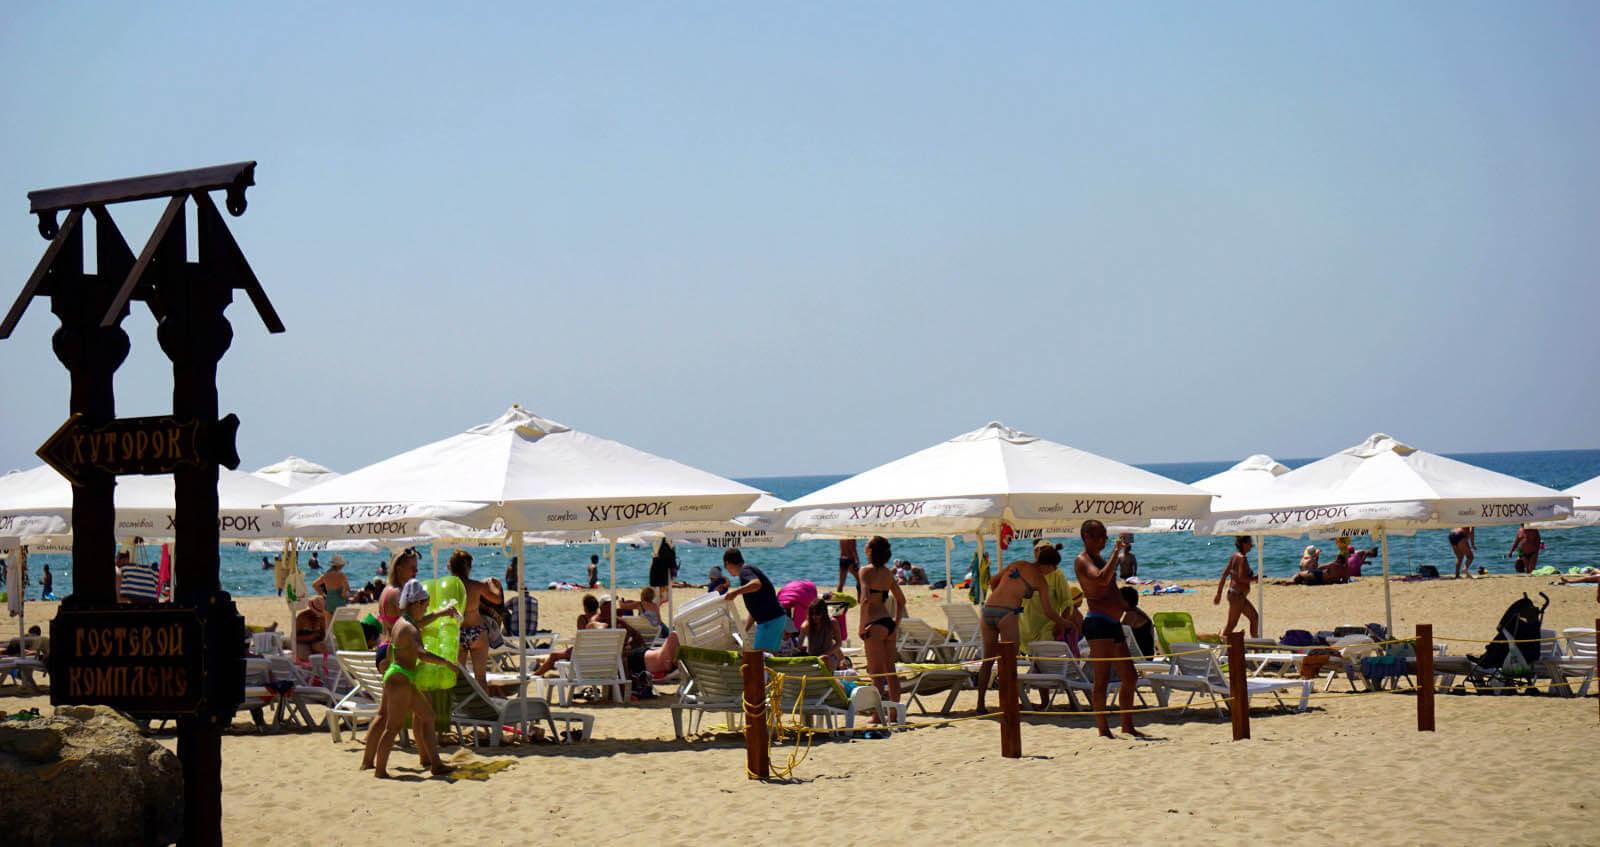 Фото пляжа отеля «Хуторок резорт»